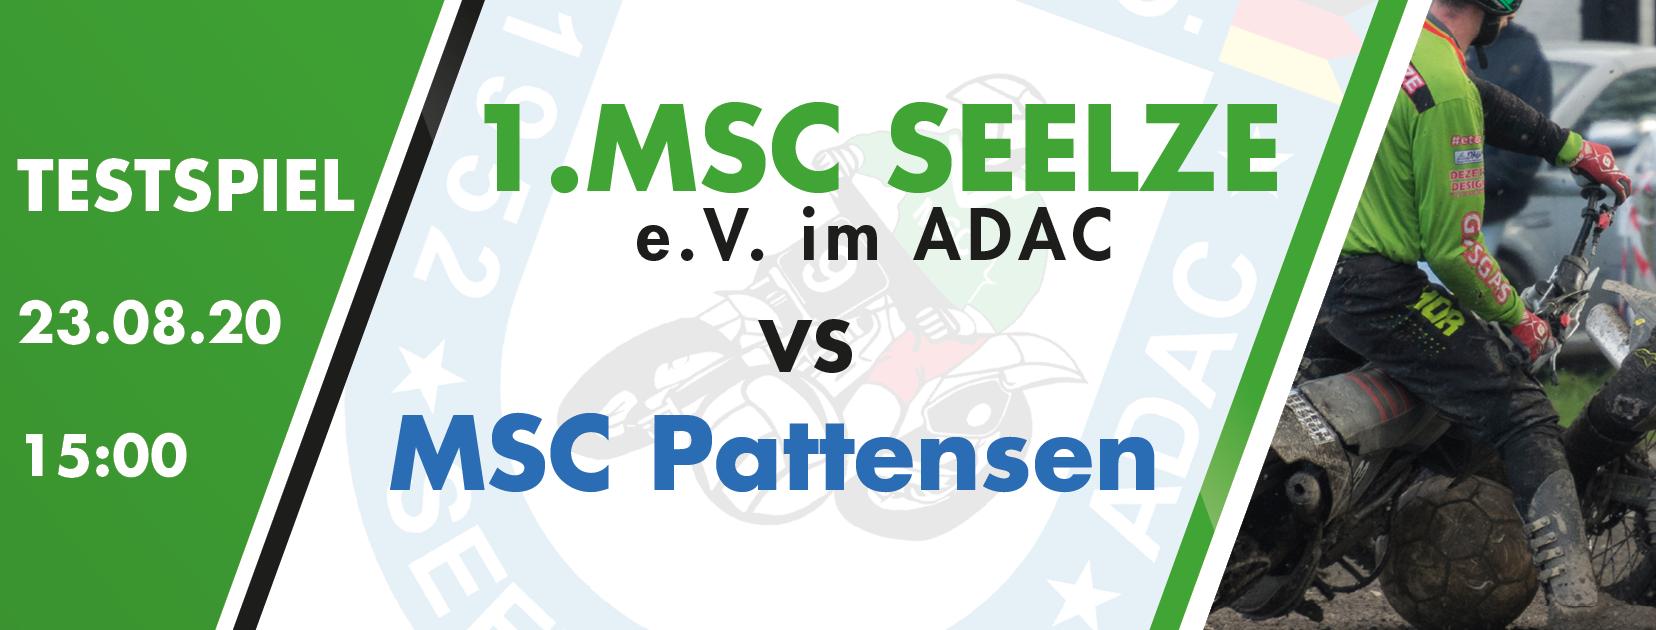 Testspiel gegen den MSC Pattensen